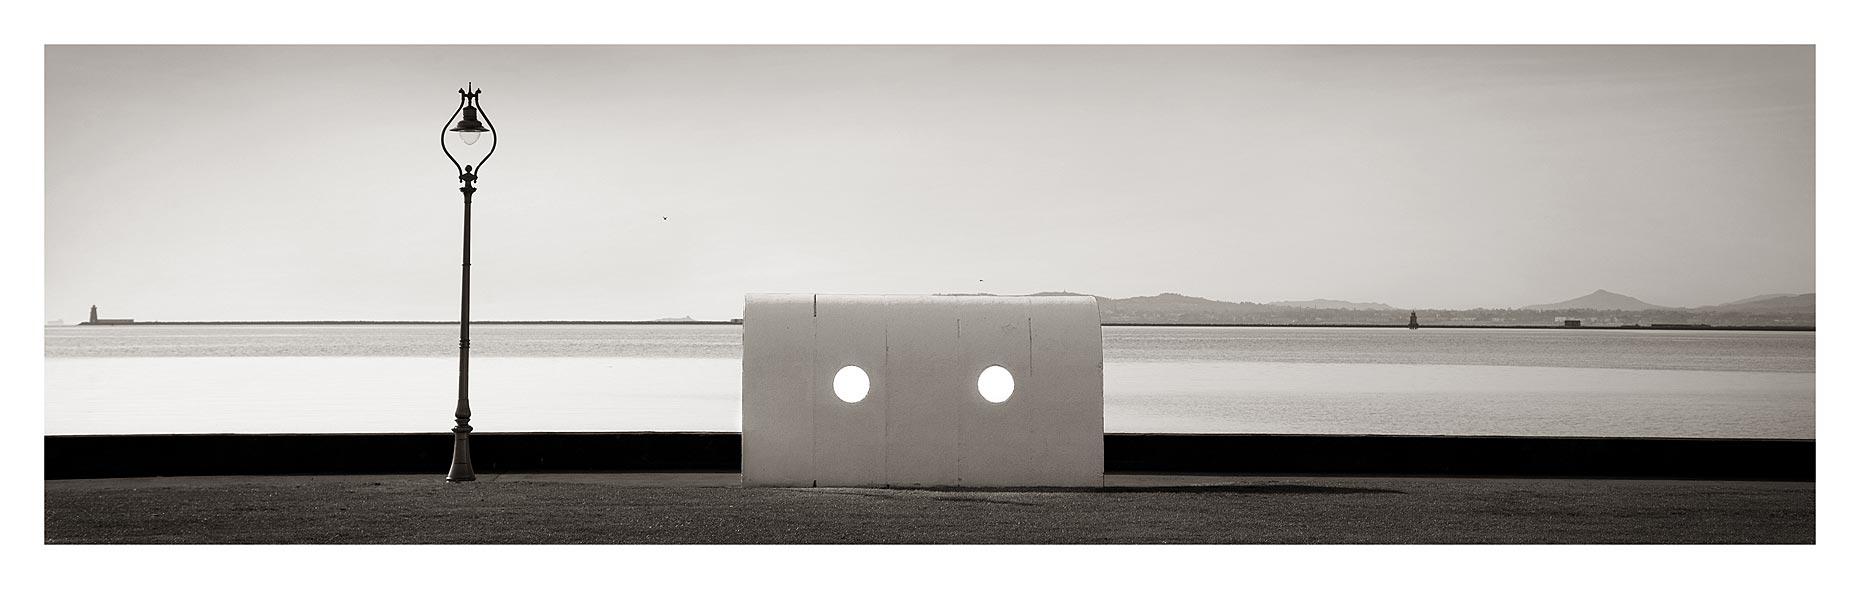 10x-a_Clontarf-Shelter-#8.jpg